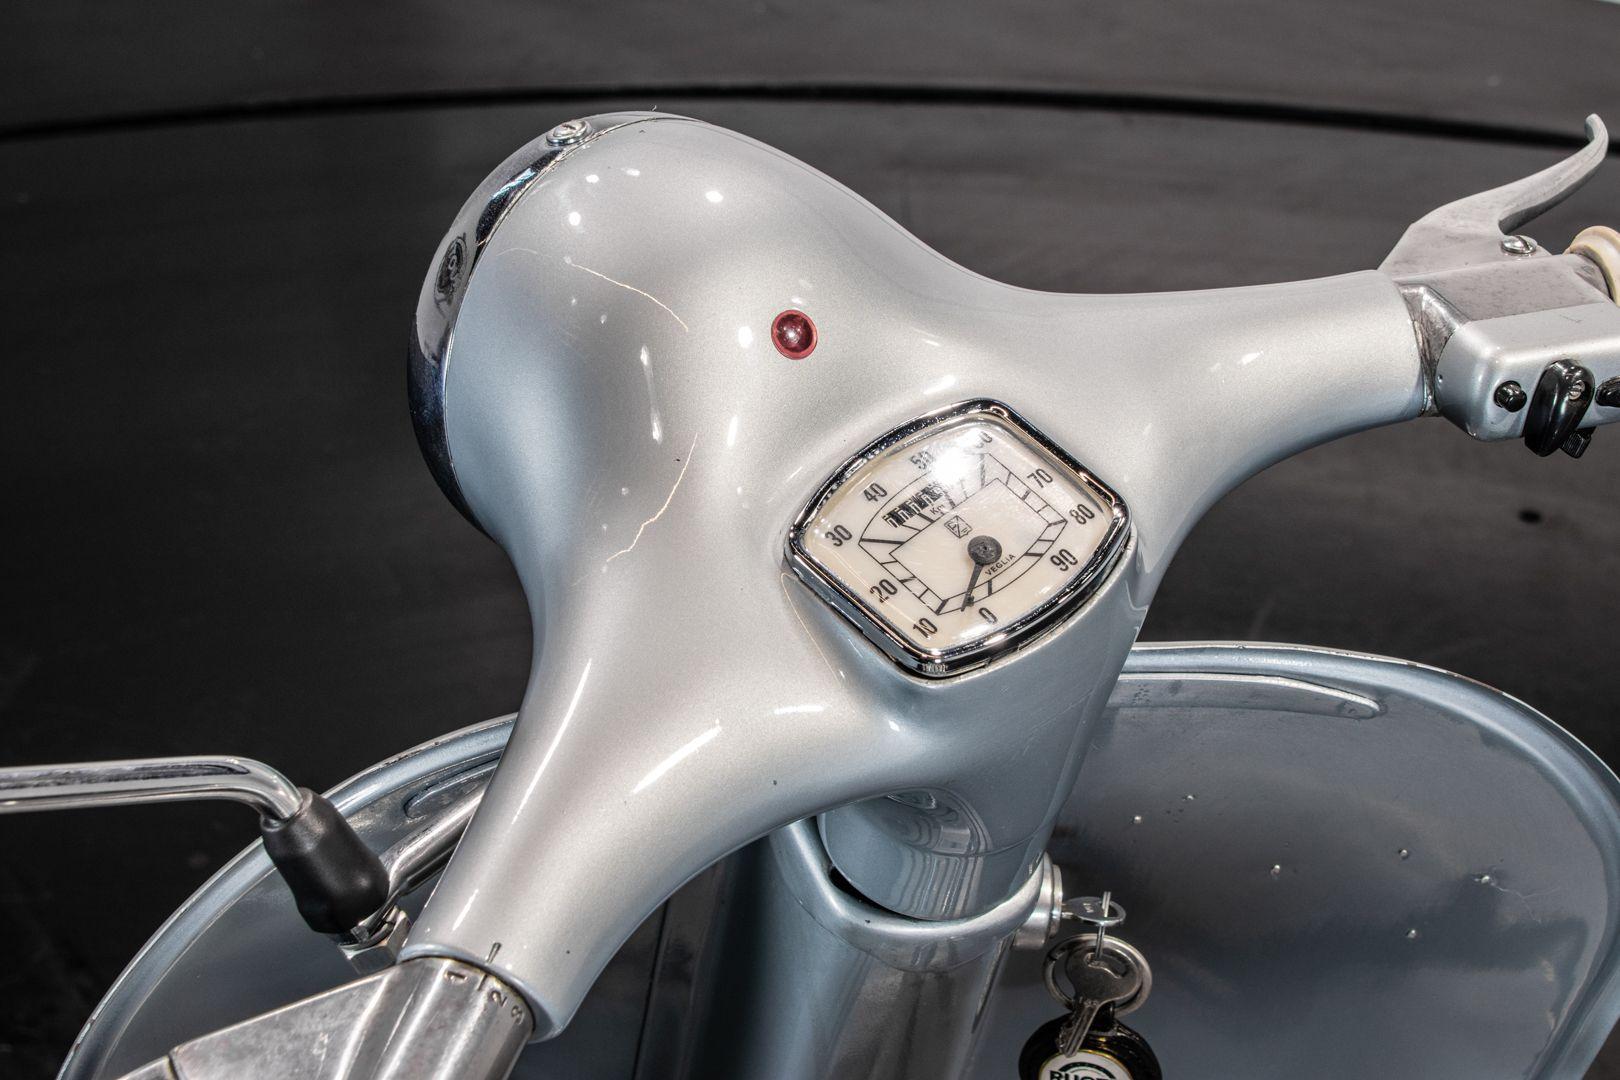 1958 Piaggio Vespa 150 VB1T 69472